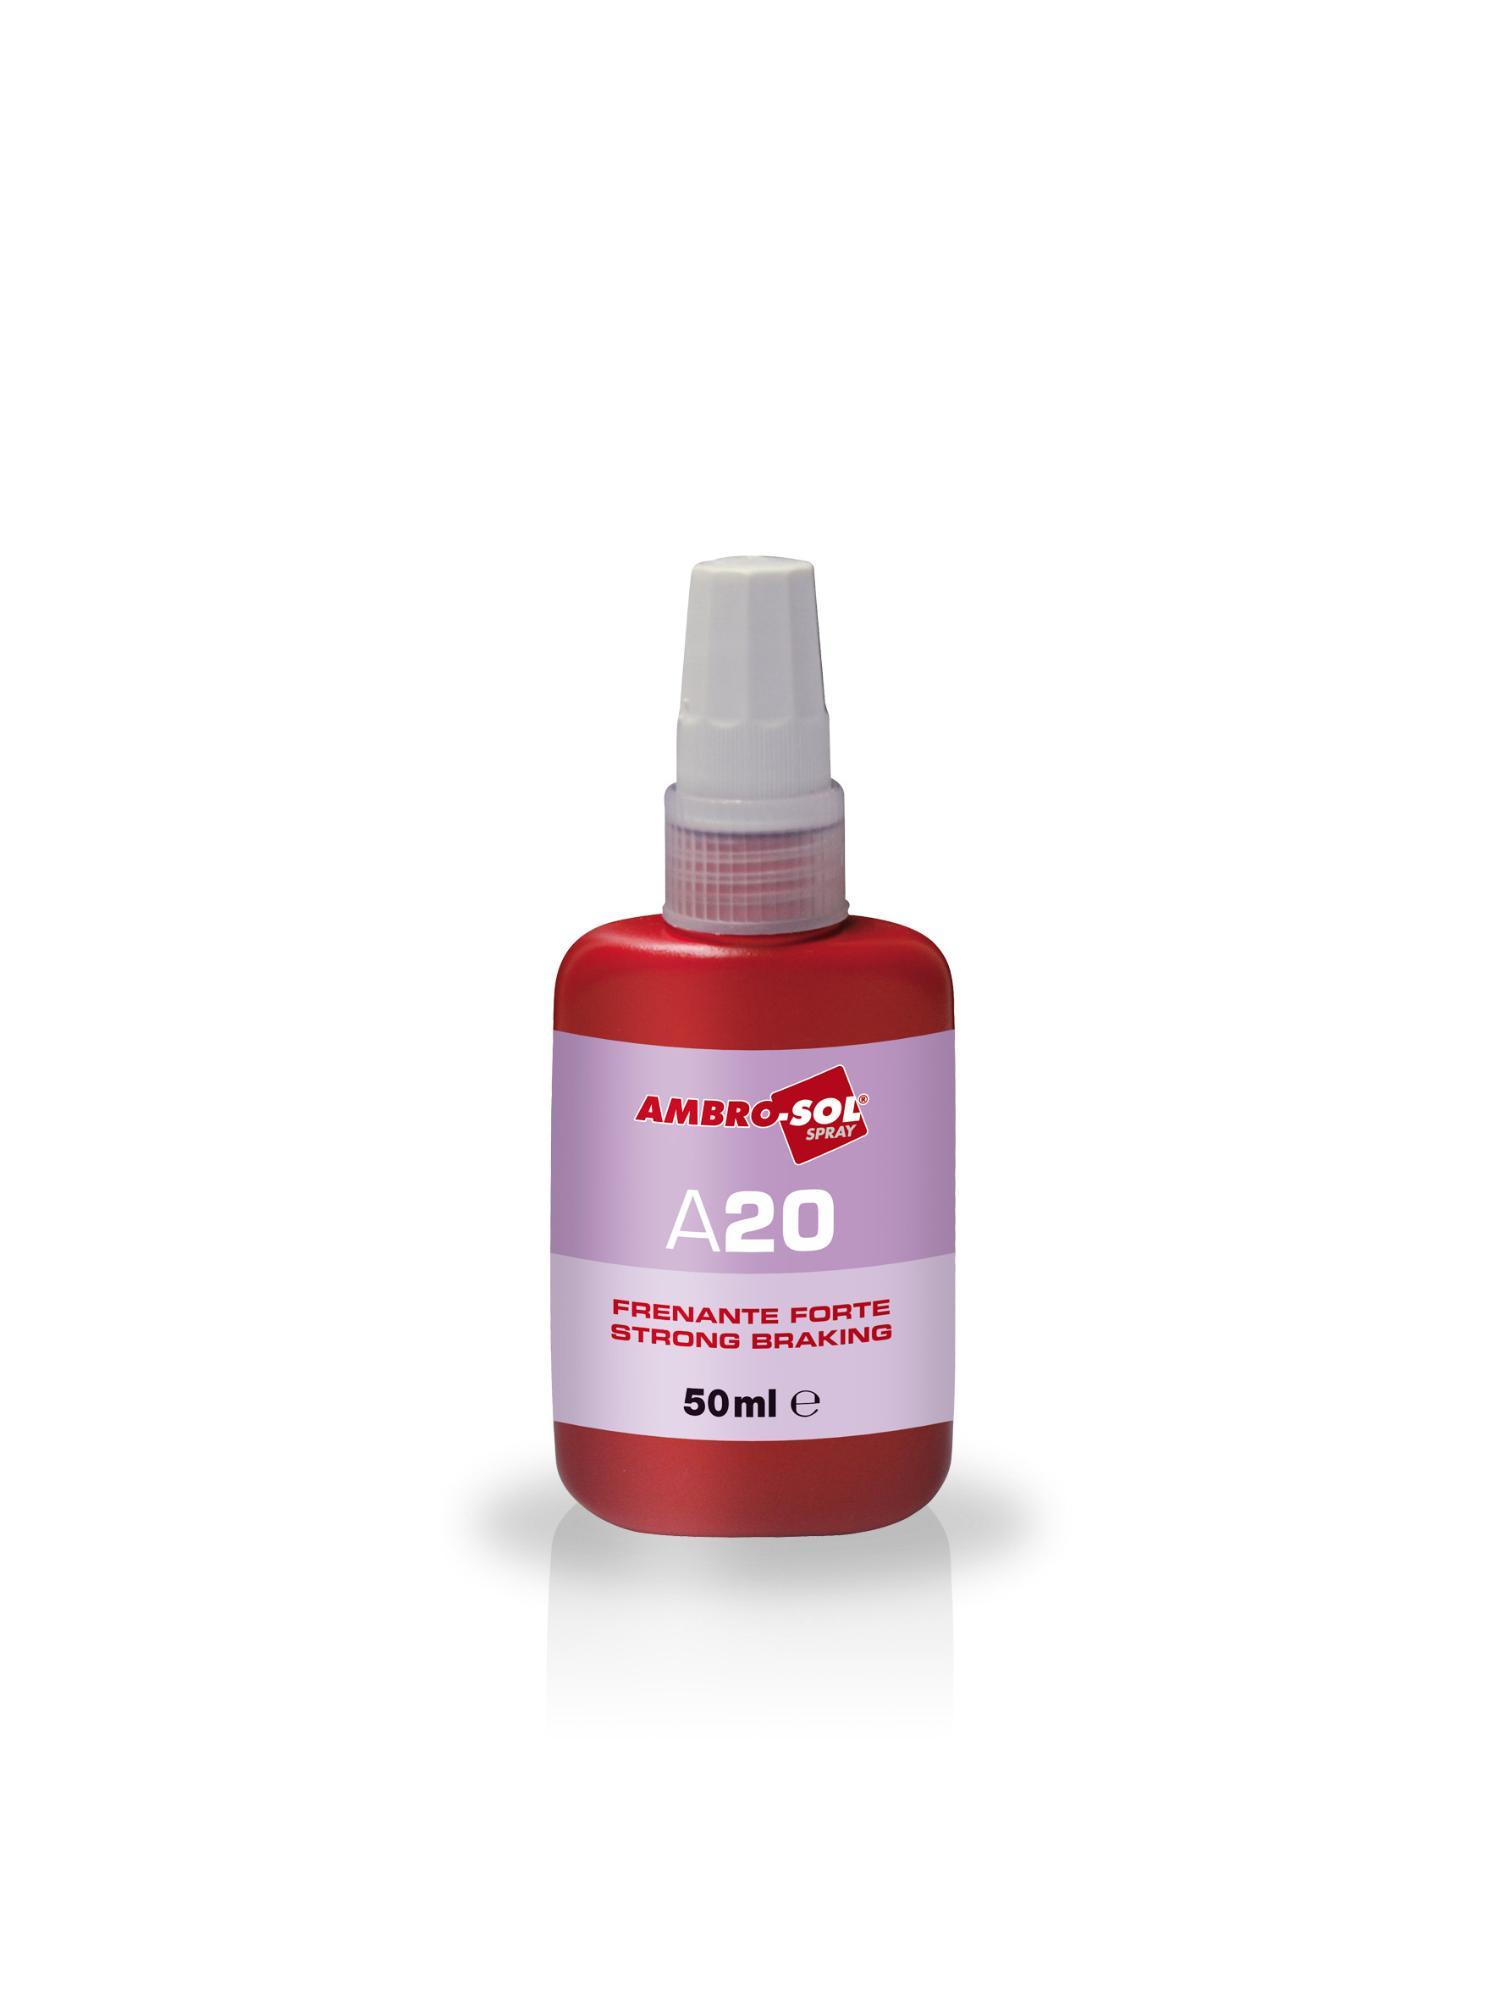 Poistenie závitov A20 STRONG - vysoké 50 ml